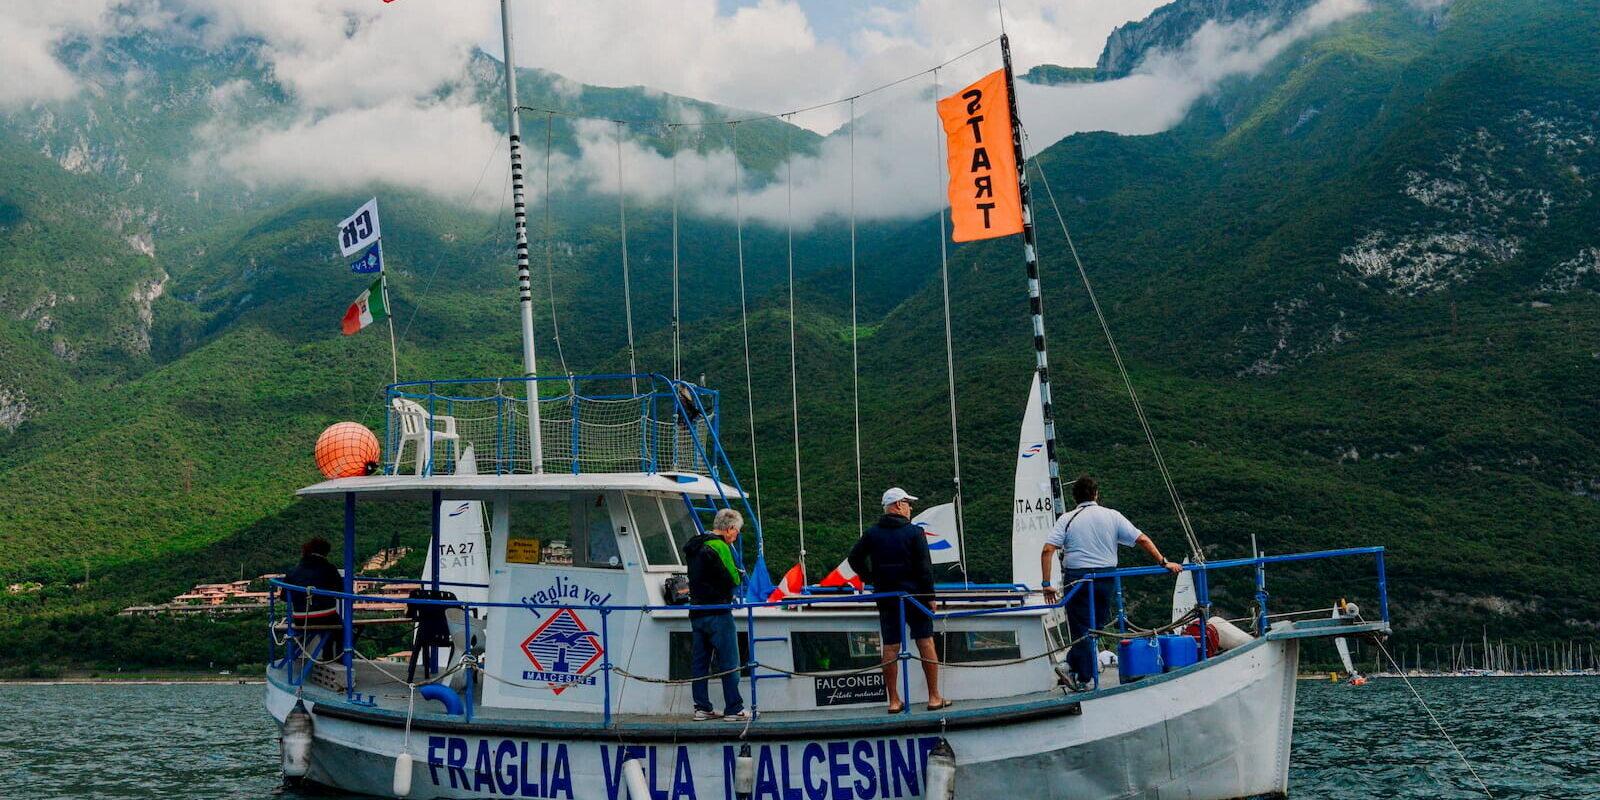 provvidenza comitato regata fraglia vela malcesine lago garda